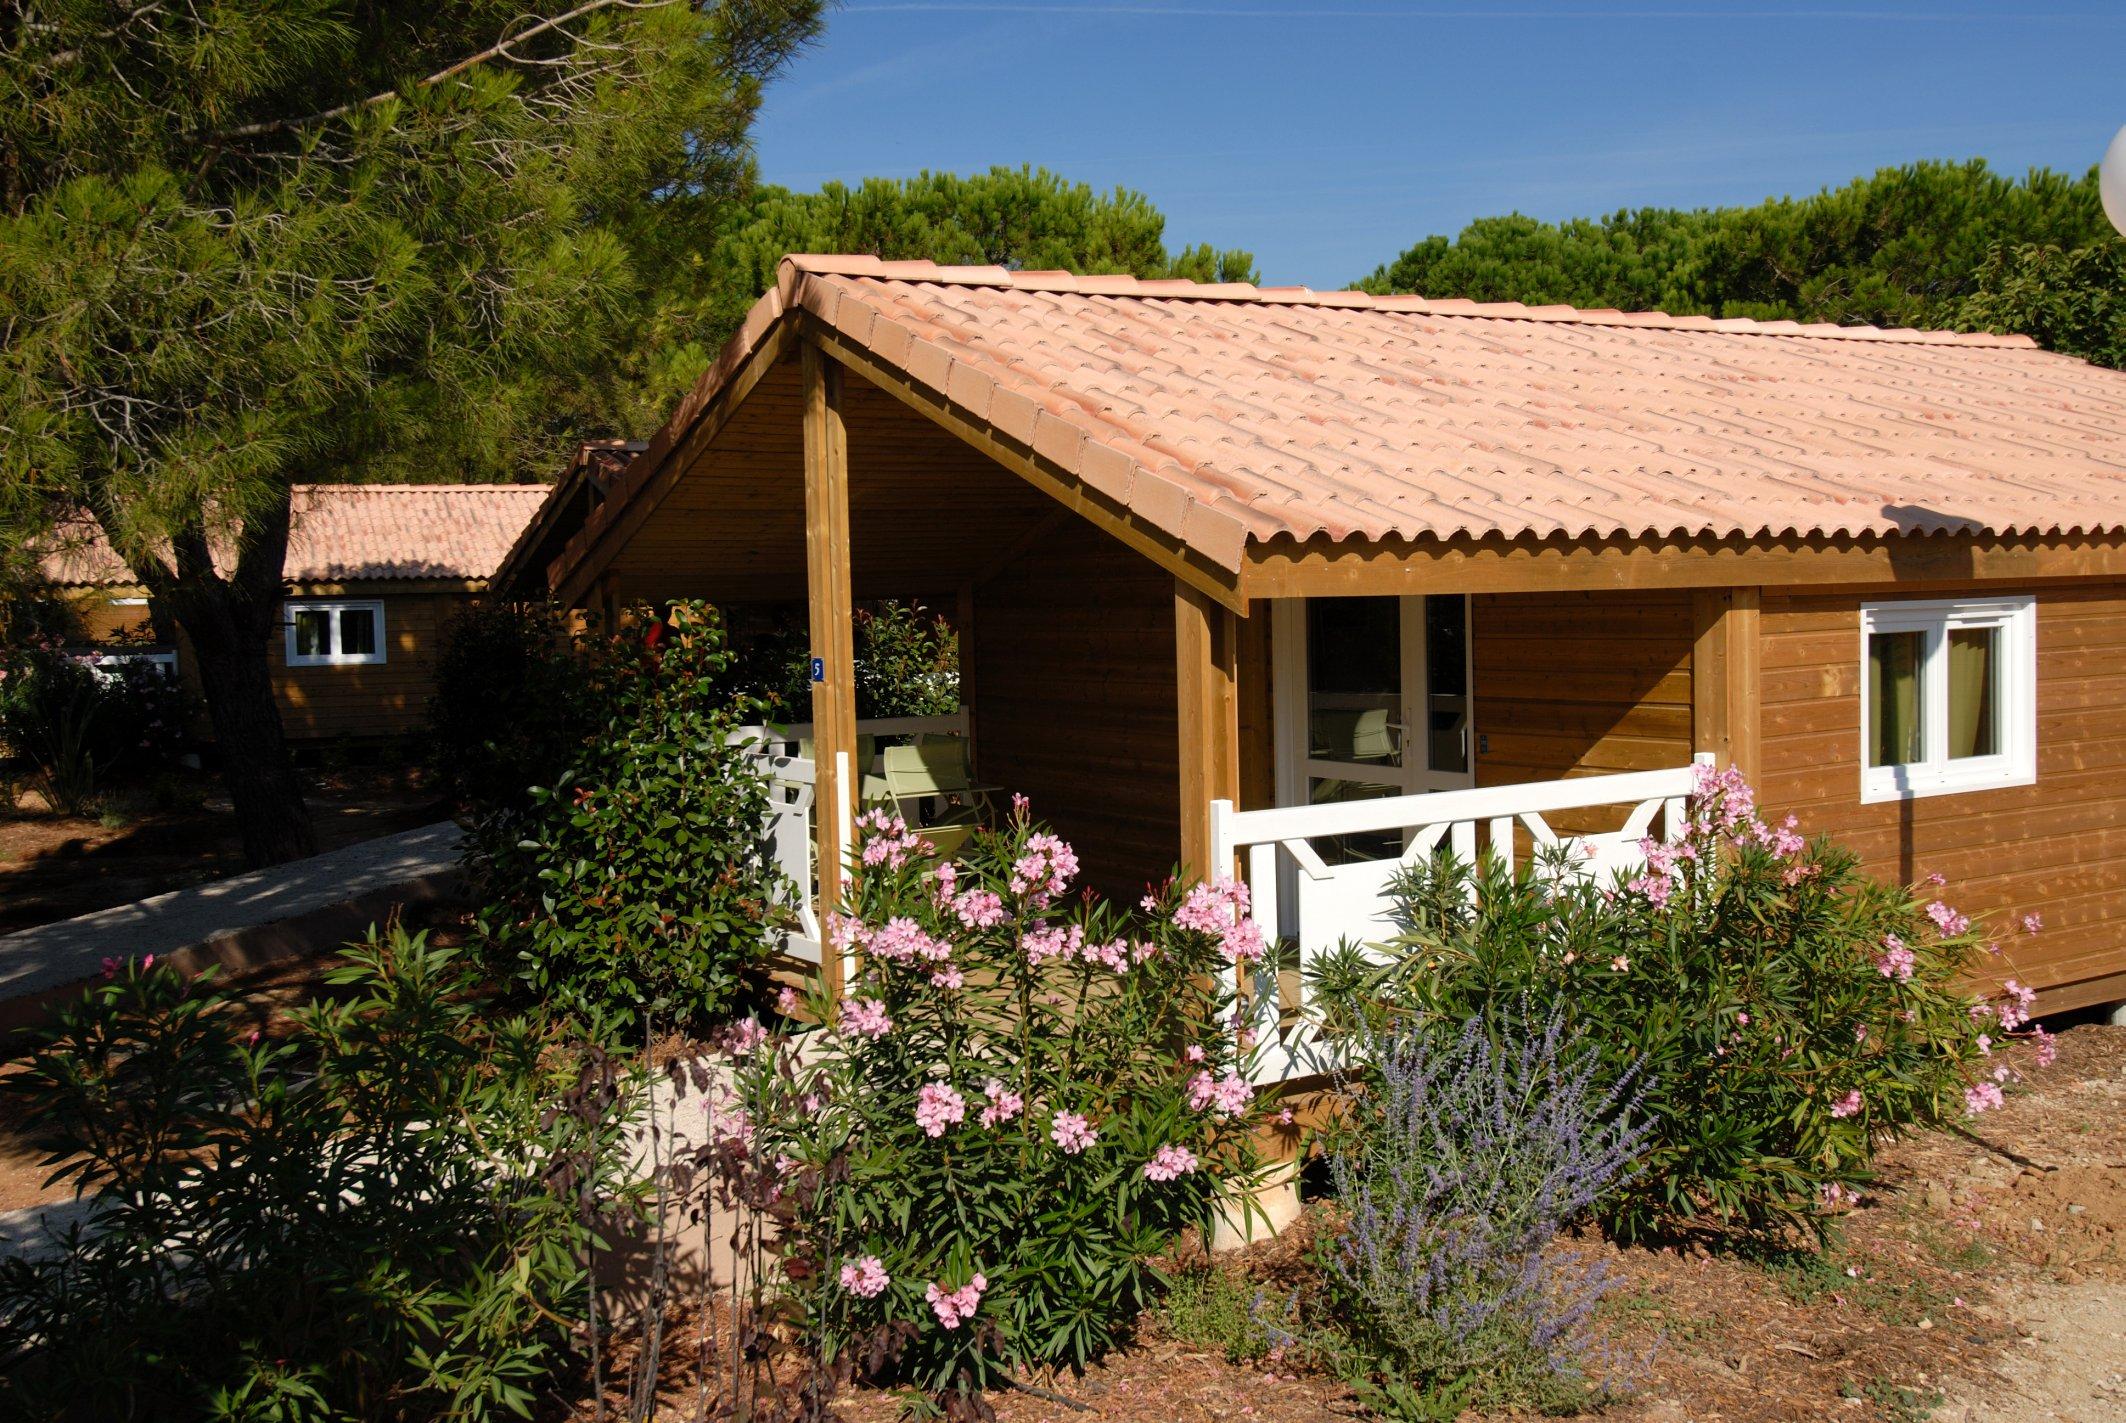 Villaggio turistico Carnoux en Provence Chalet 3p 5/6 Shangri-La Carnoux en Provence 1